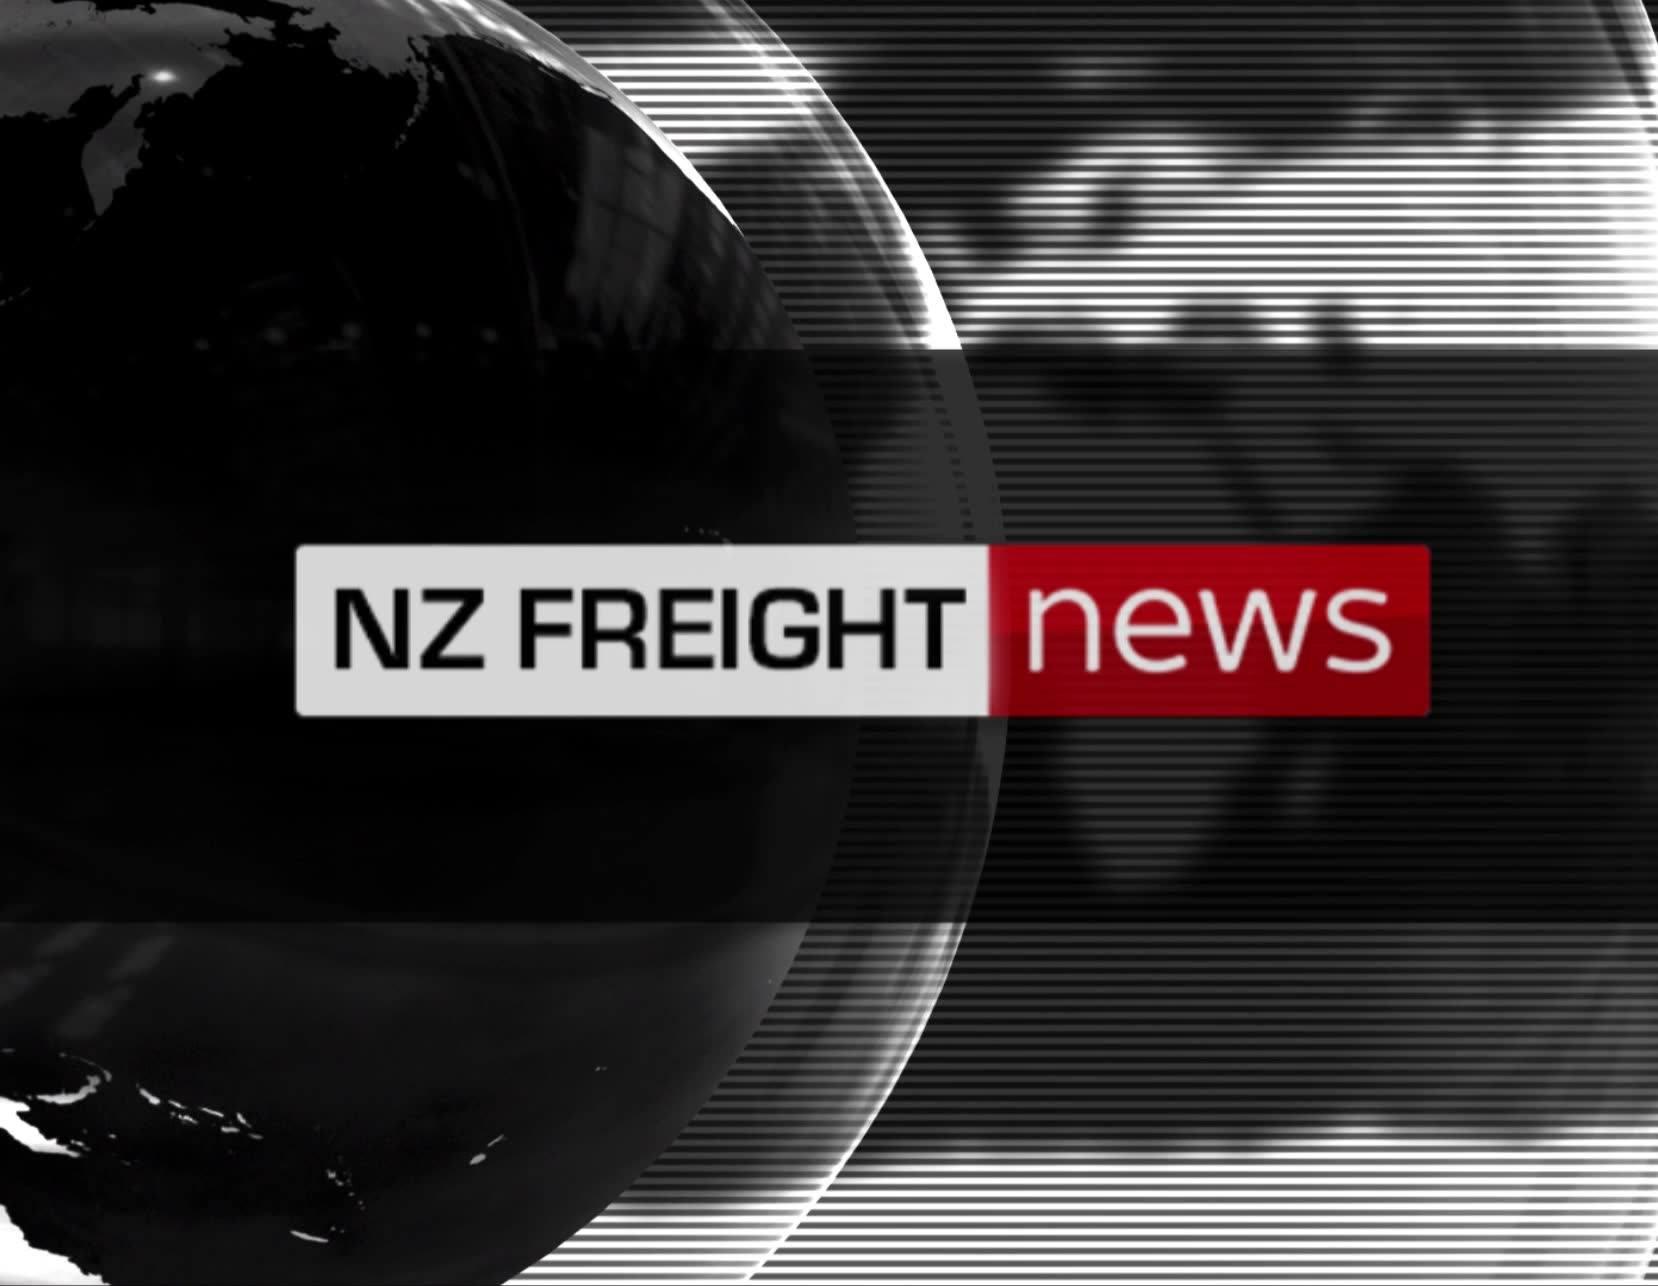 HAWK ELLERY - FREIGHT NEWS - BIO-SECURITY NZ ⚡